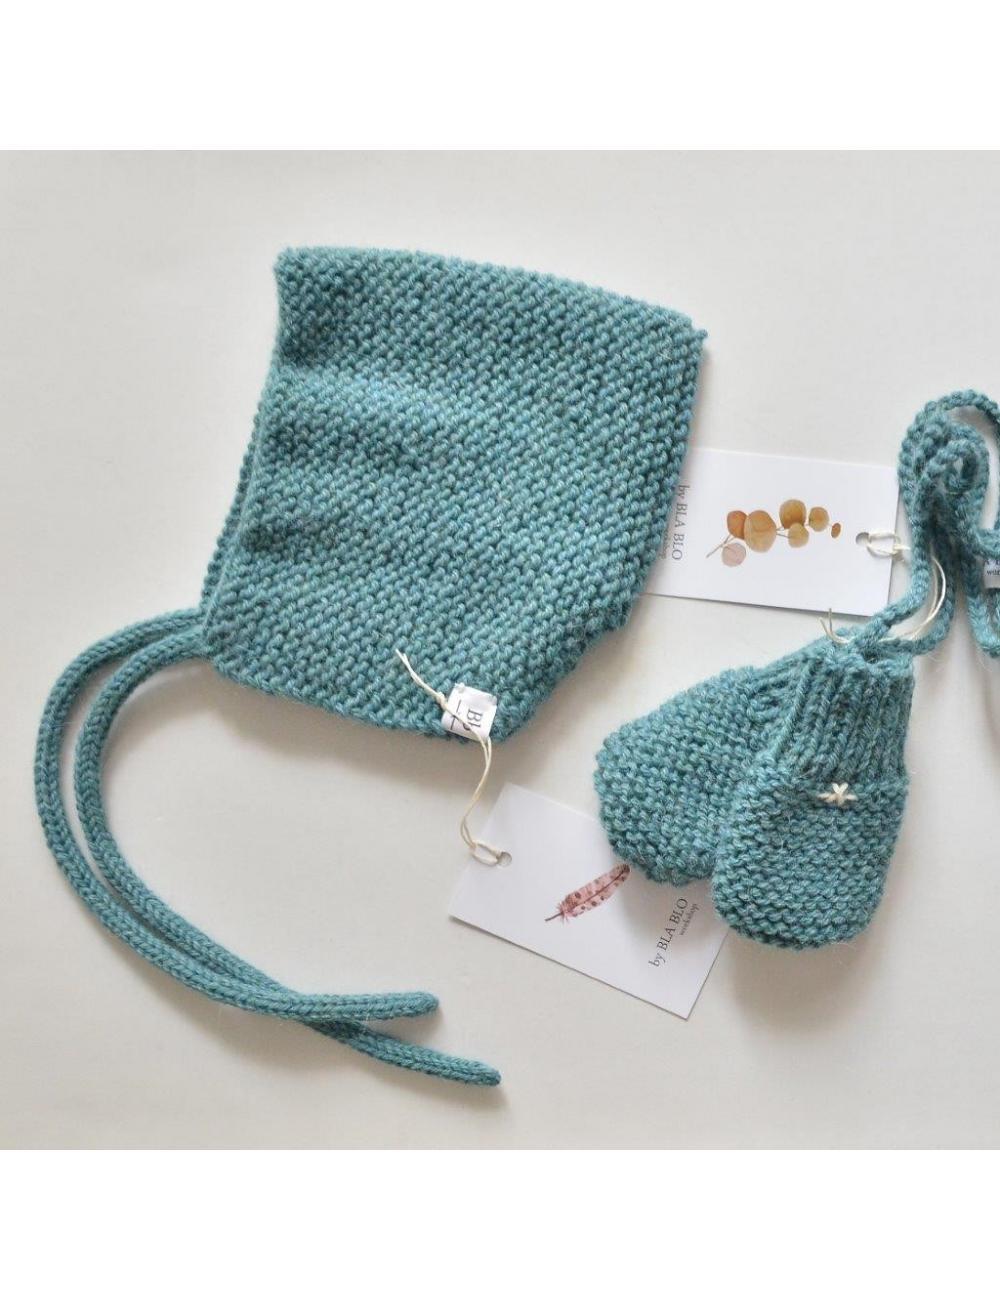 Alpaca wool baby bonnet | seatest